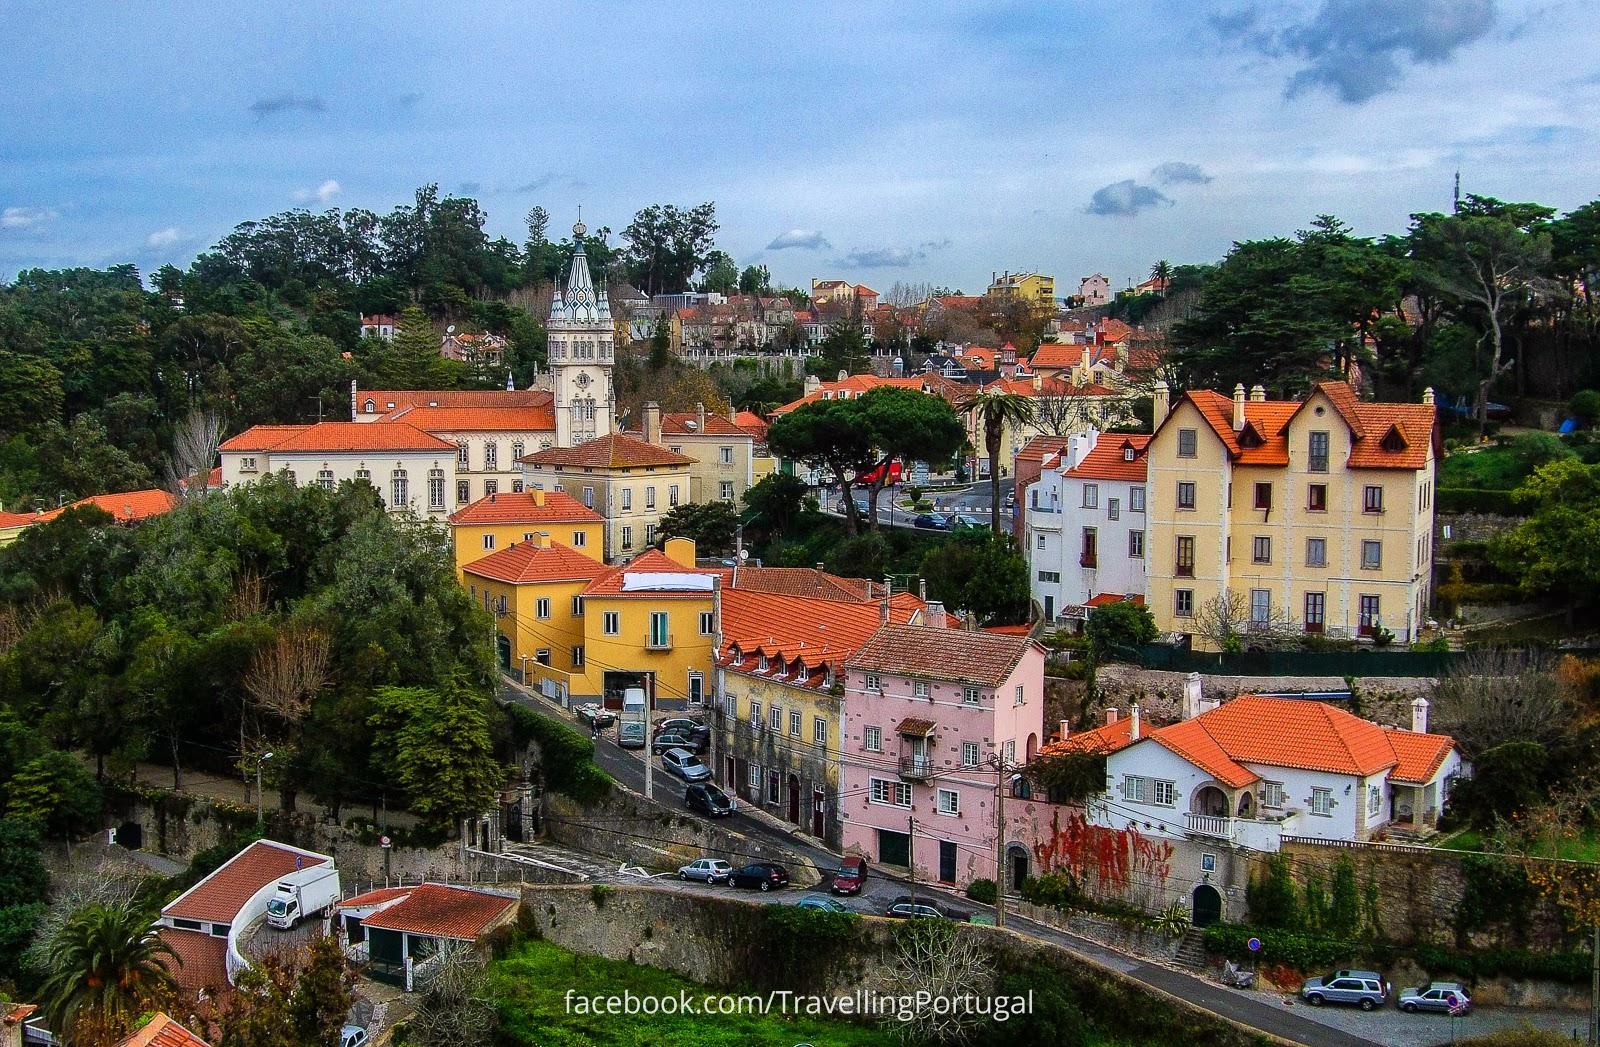 Algunas fotos de sintra turismo en portugal for Oficina de turismo sintra